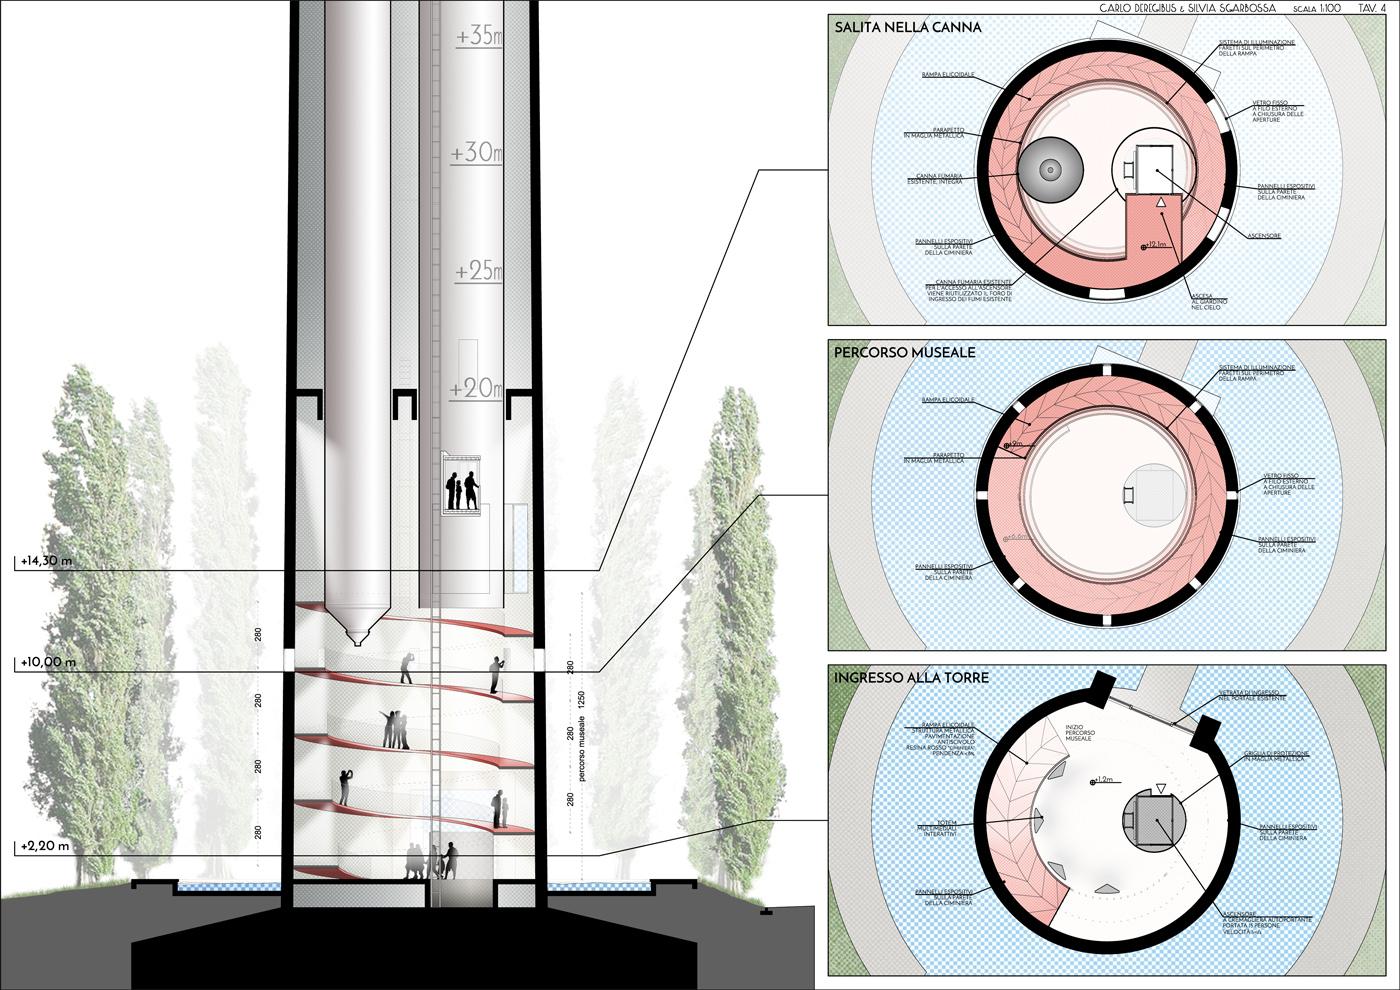 La grande ciminiera della Centrale del Parco del Mincio diventa un incredibile museo verticale in cui natura, archelogia industriale, paesaggio si uniscono in un'esperienza di immenso fascino | prima/dopo | Bottega di Architettura